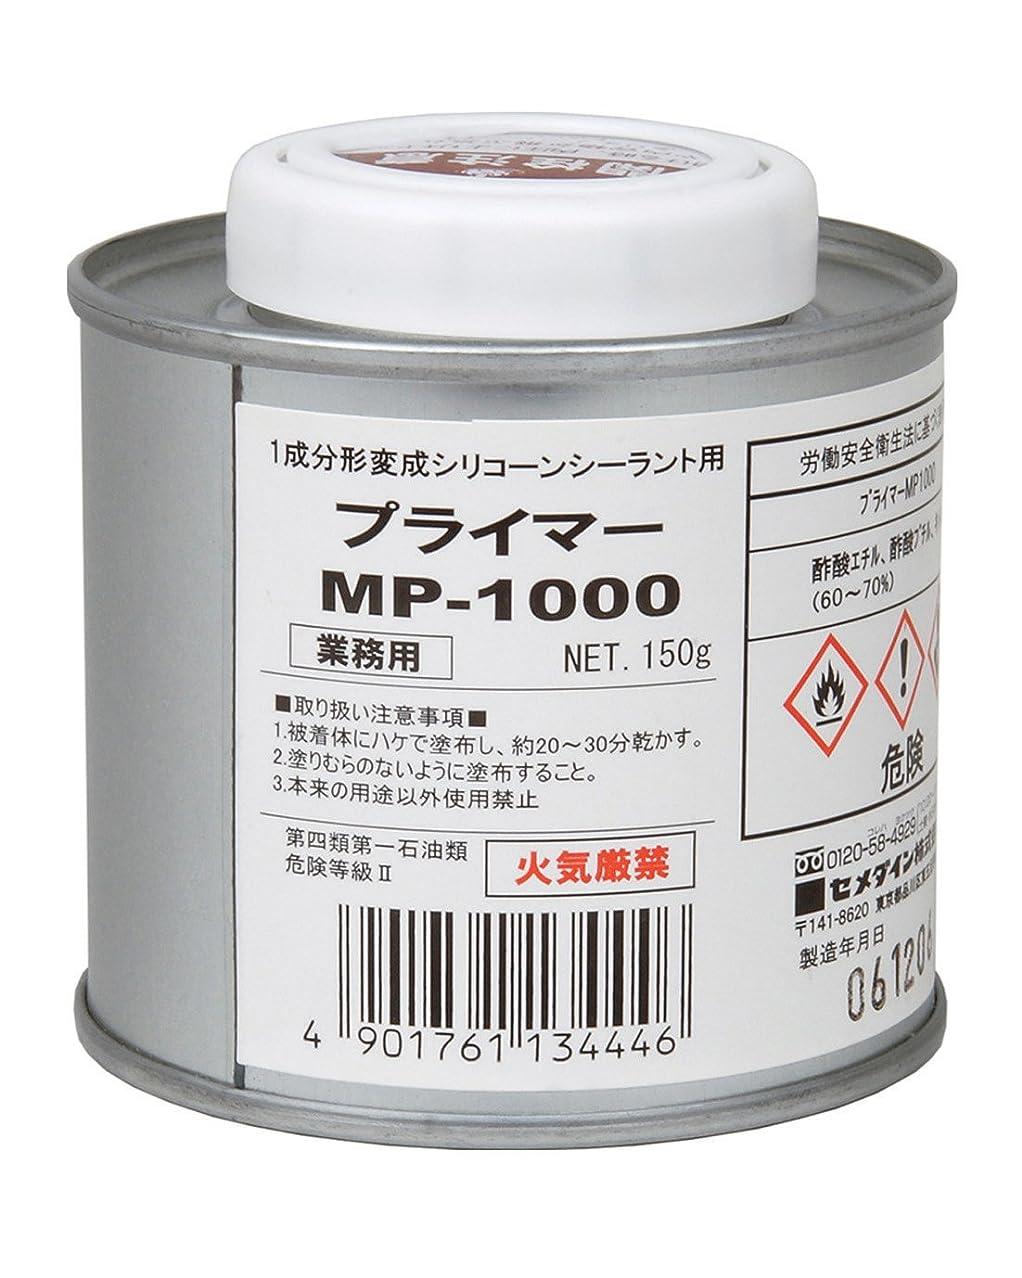 方程式試してみる織機ロックペイント PP用下塗りスプレー エアーロック PPプライマー 420ml 062-4005-6k